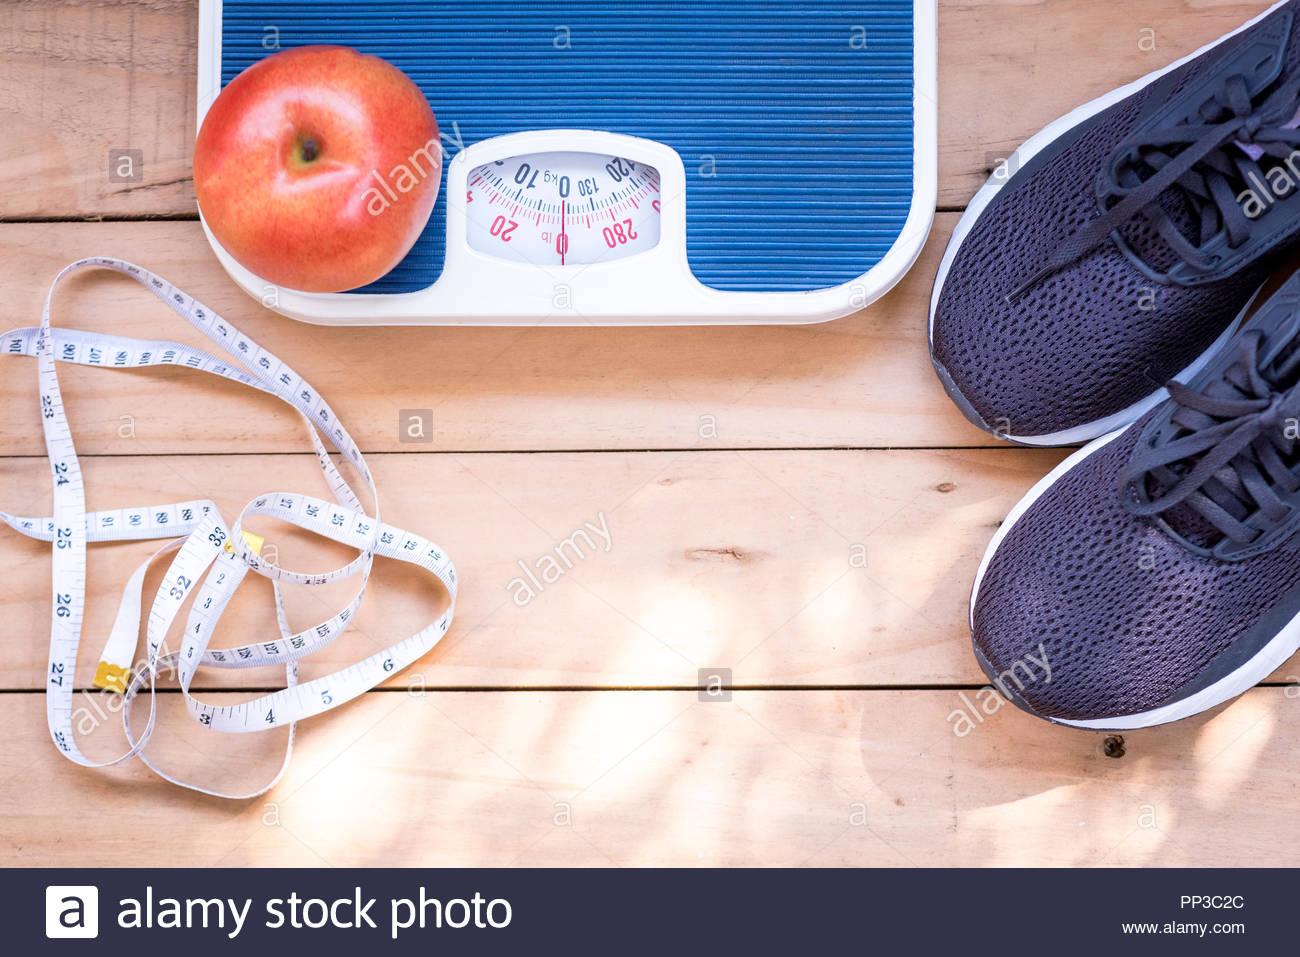 Zapatillas negras , manzana roja, blanca cinta de medir y básculas en el piso de madera. Accesorios deportivos Imagen De Stock